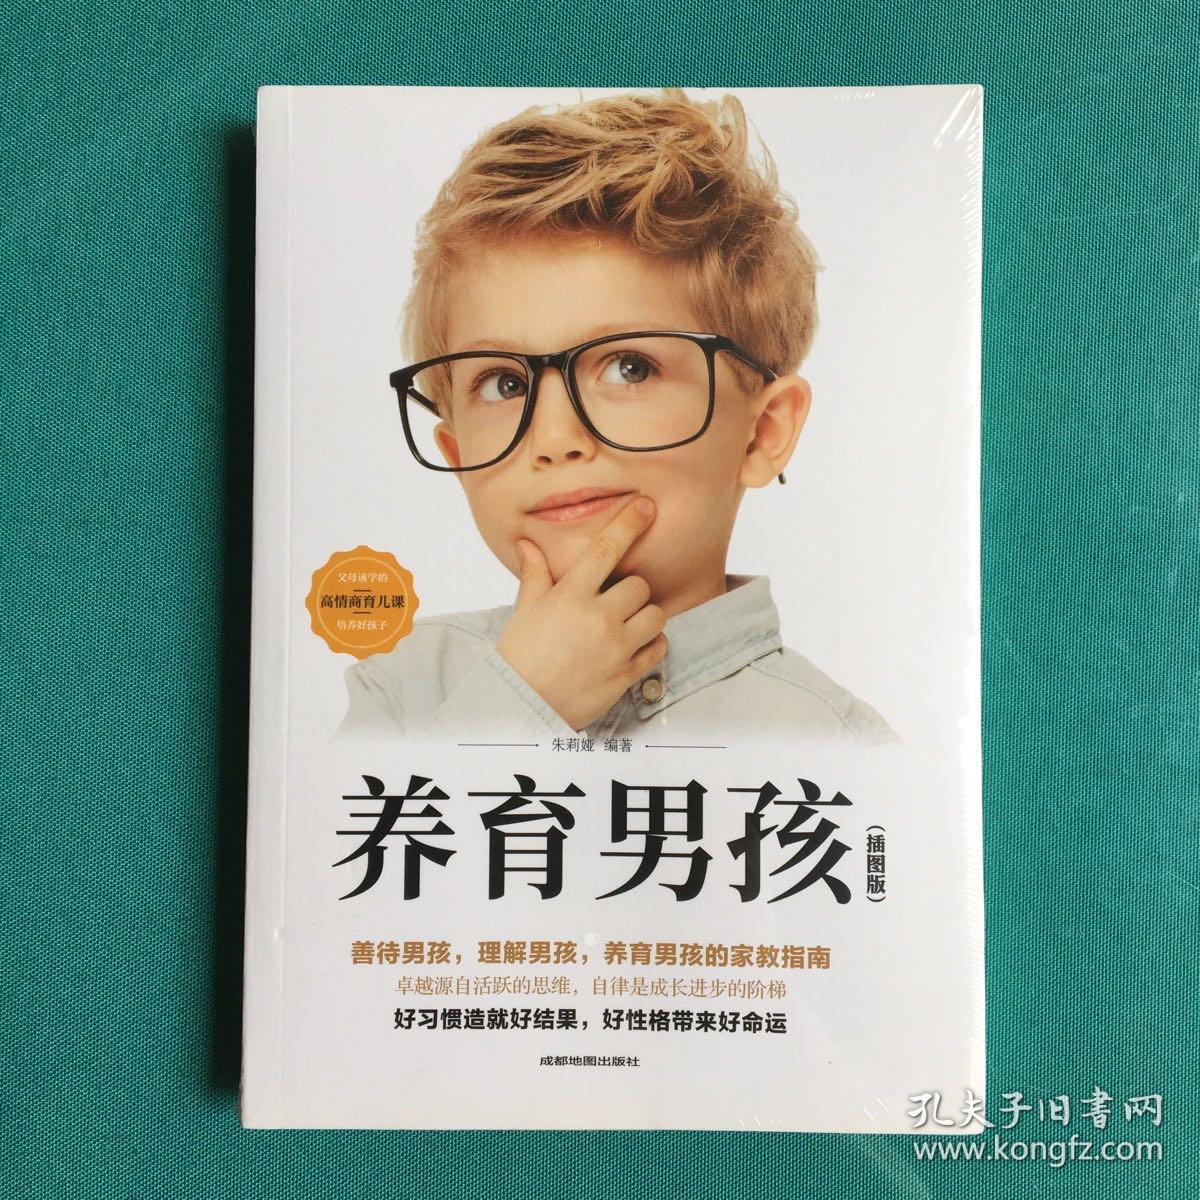 养育男孩插图典藏版 中国新生代妈妈奉为养育男孩的启蒙之书和养育指南培养